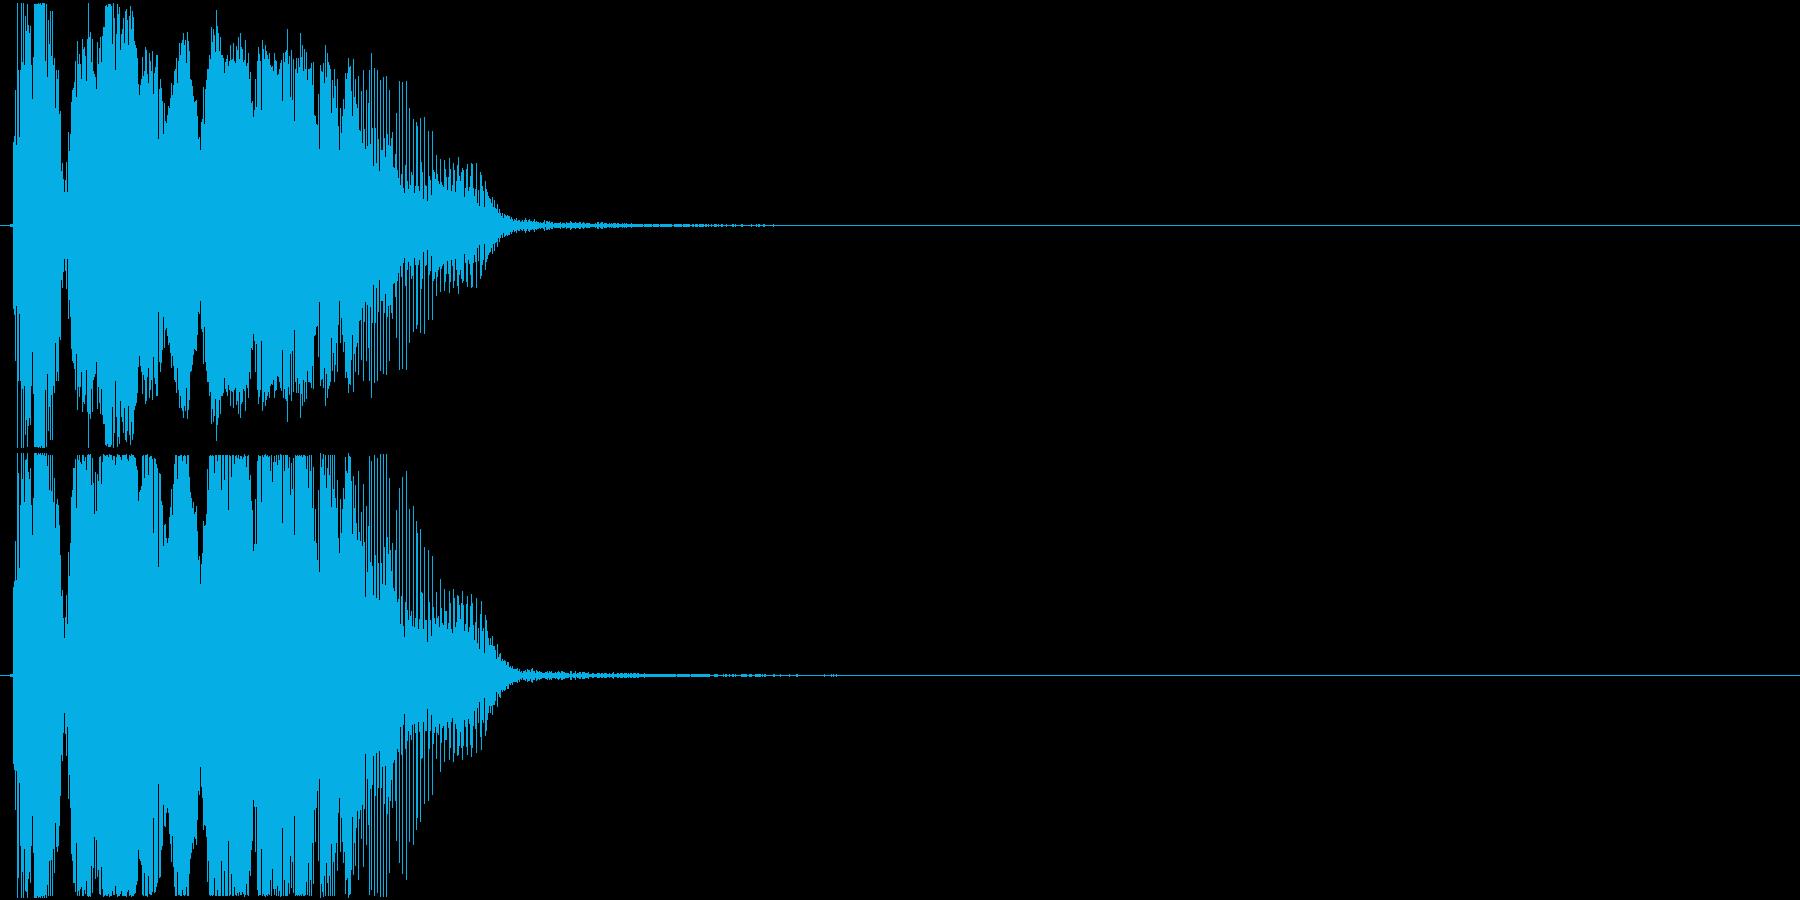 「カモン」アプリ・ゲーム用2の再生済みの波形